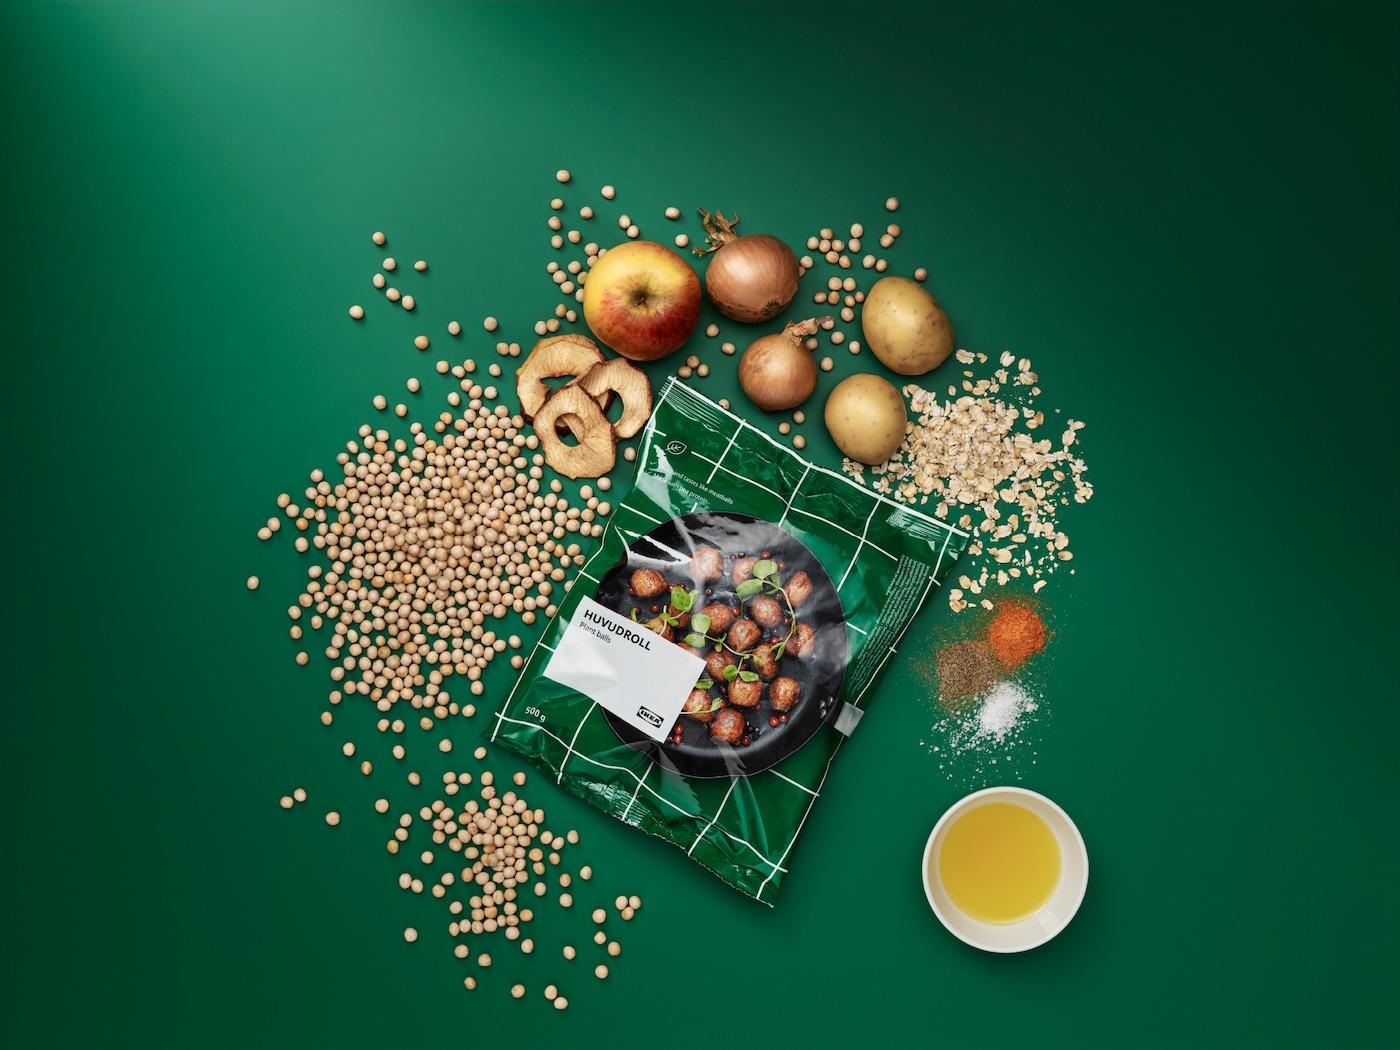 Paquete de albóndigas vegetales HUVUDROLL con ingredientes no procesados: guisantes, avena, patata, cebolla, manzana y especias.